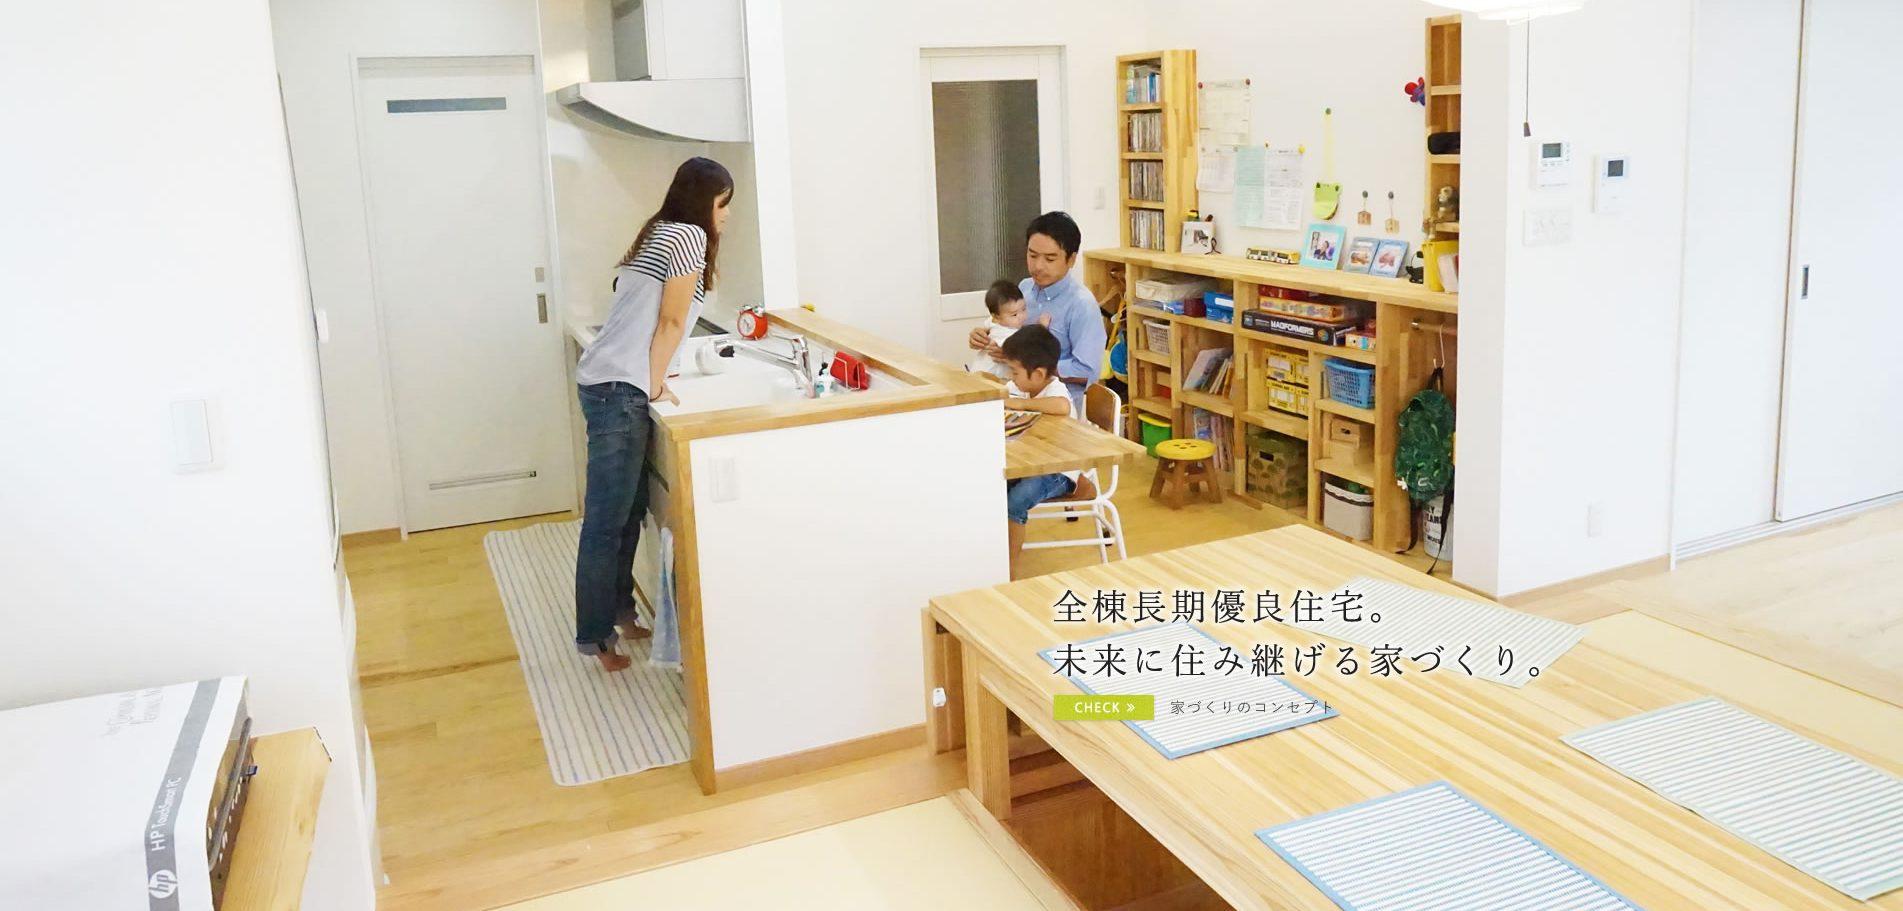 全棟長期優良住宅。未来へ住み継げる家づくり